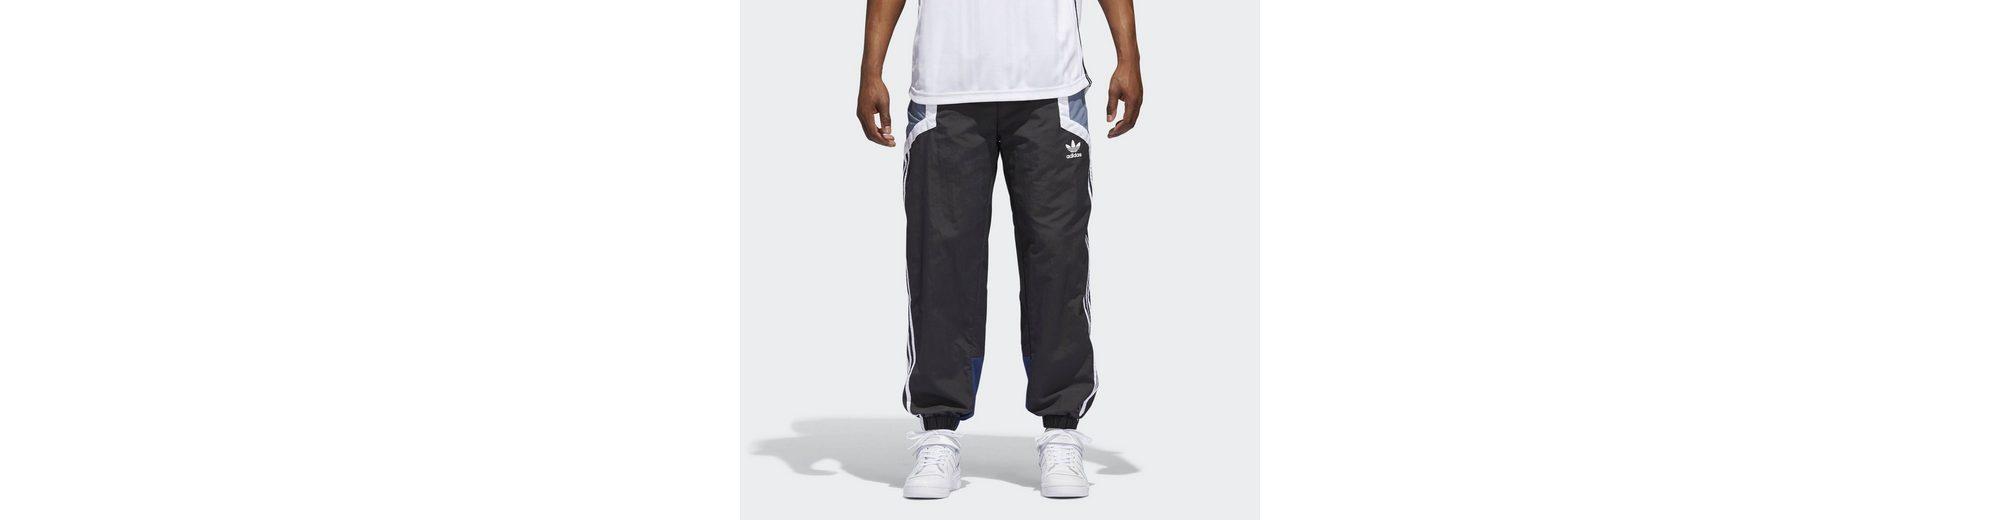 adidas Originals Trainingshose Nova Wind Hose